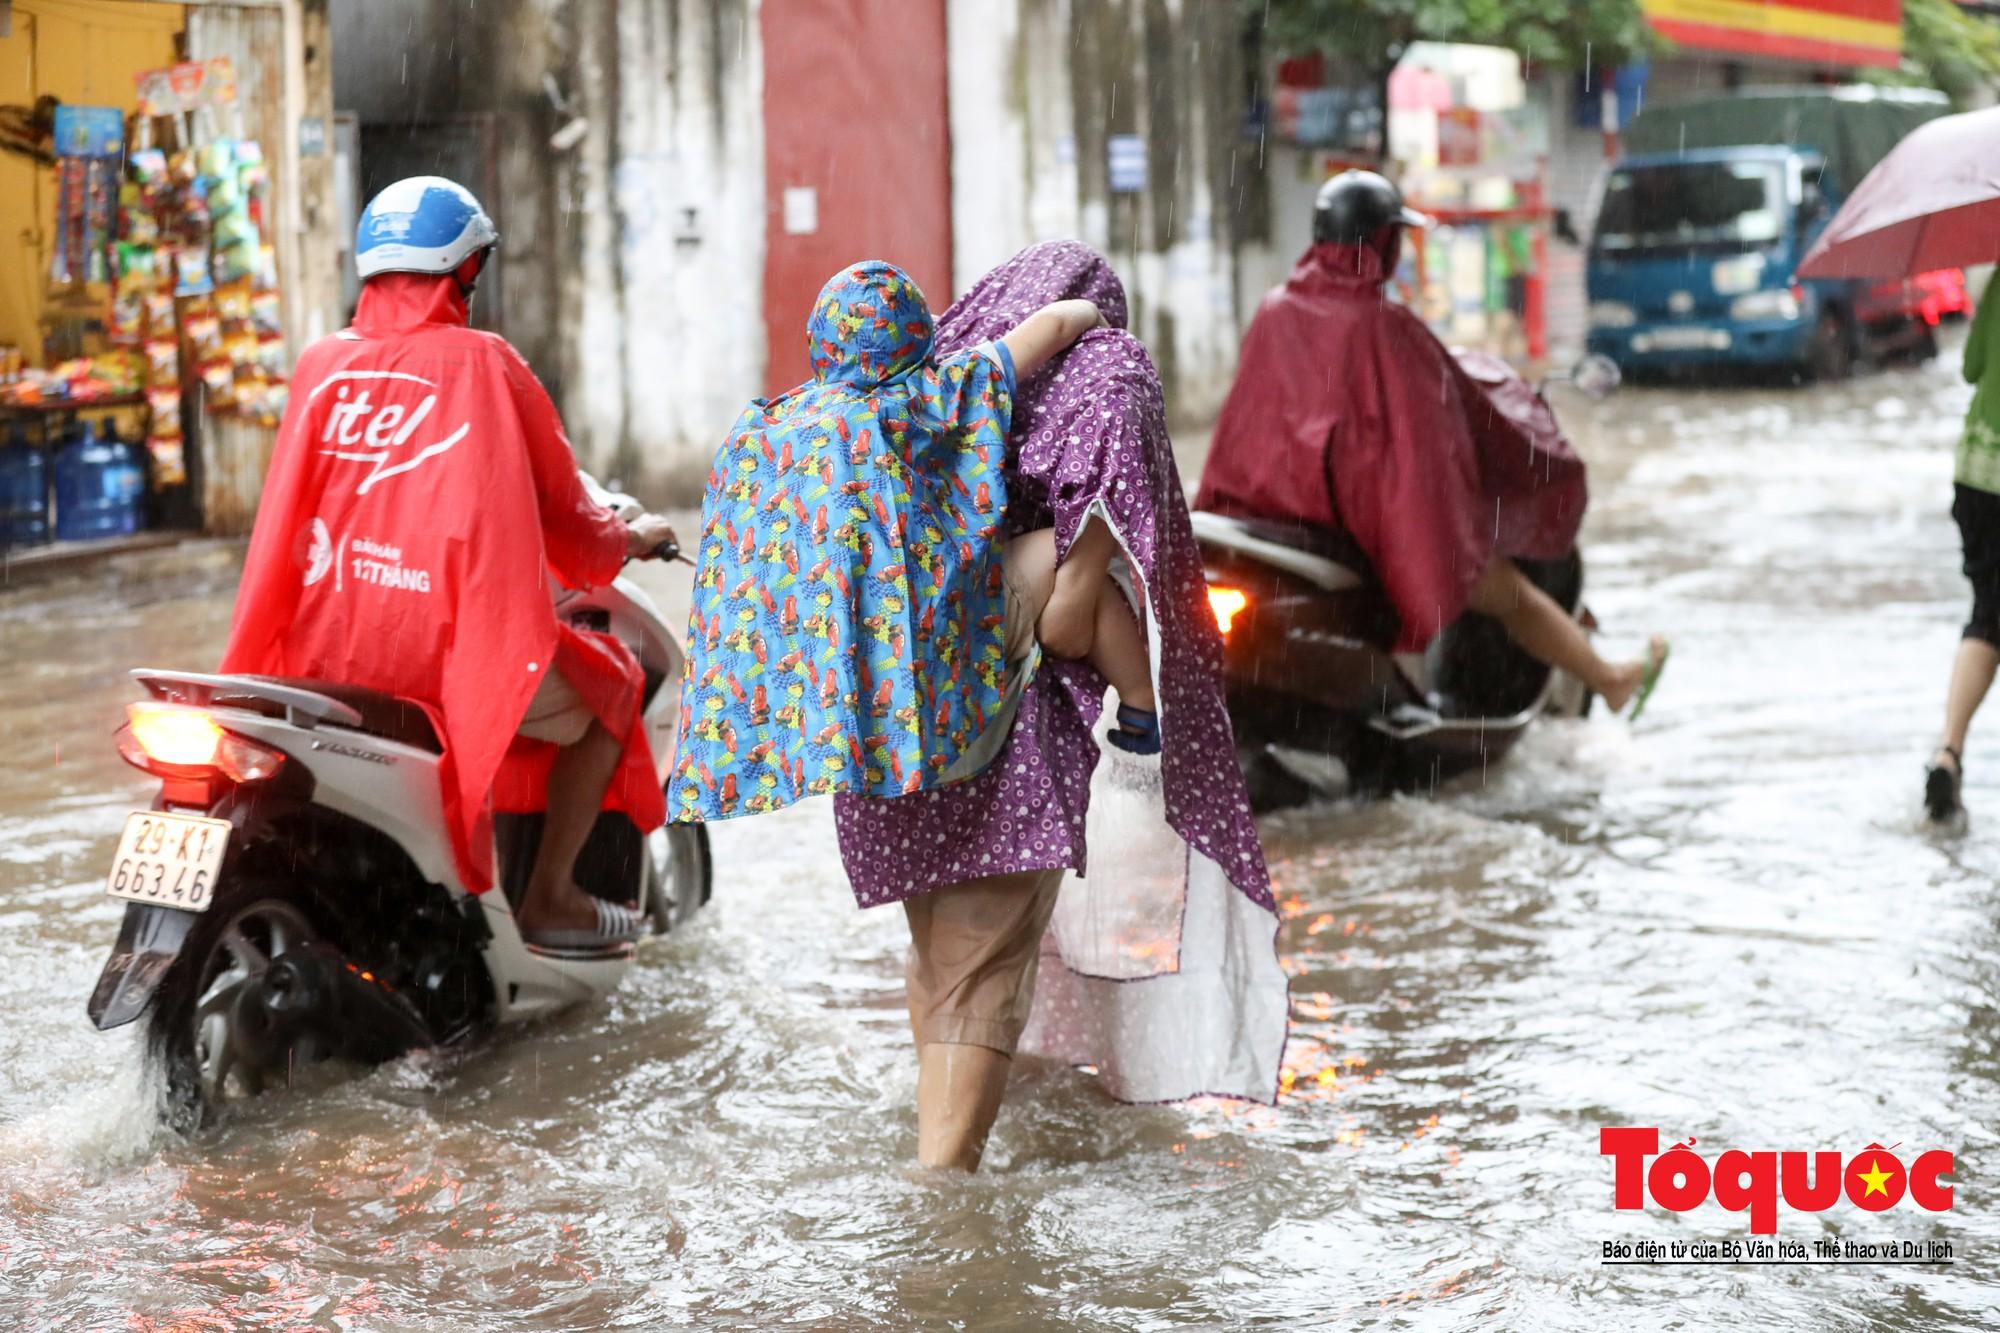 Hình ảnh xưa nay hiếm ở Thủ đô Hà Nội  cha mẹ cõng con vượt sông trong phố đến trường8